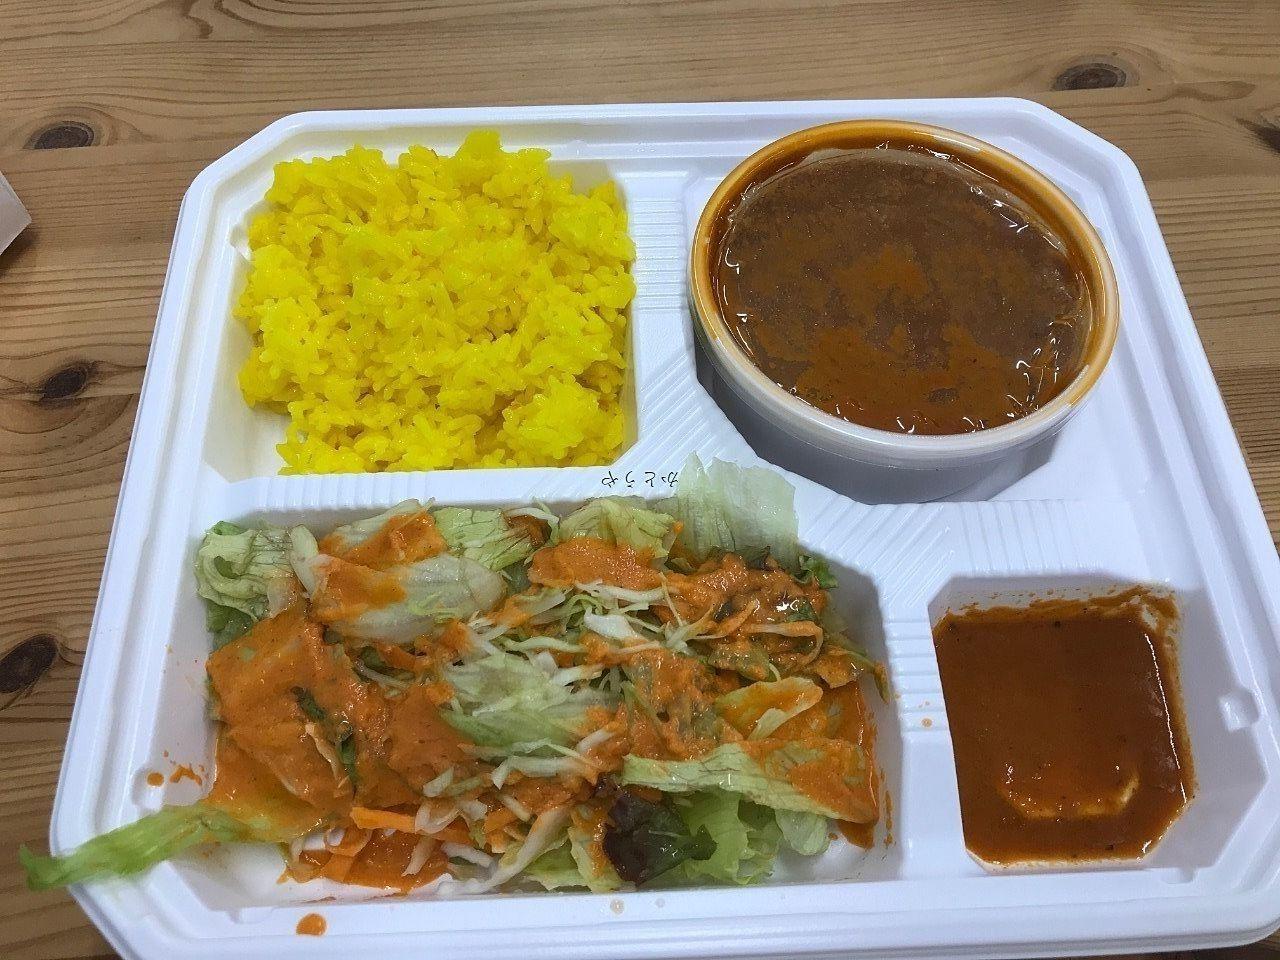 南流山のインド料理、スパイスキッチンさんのランチテイクアウト弁当です。